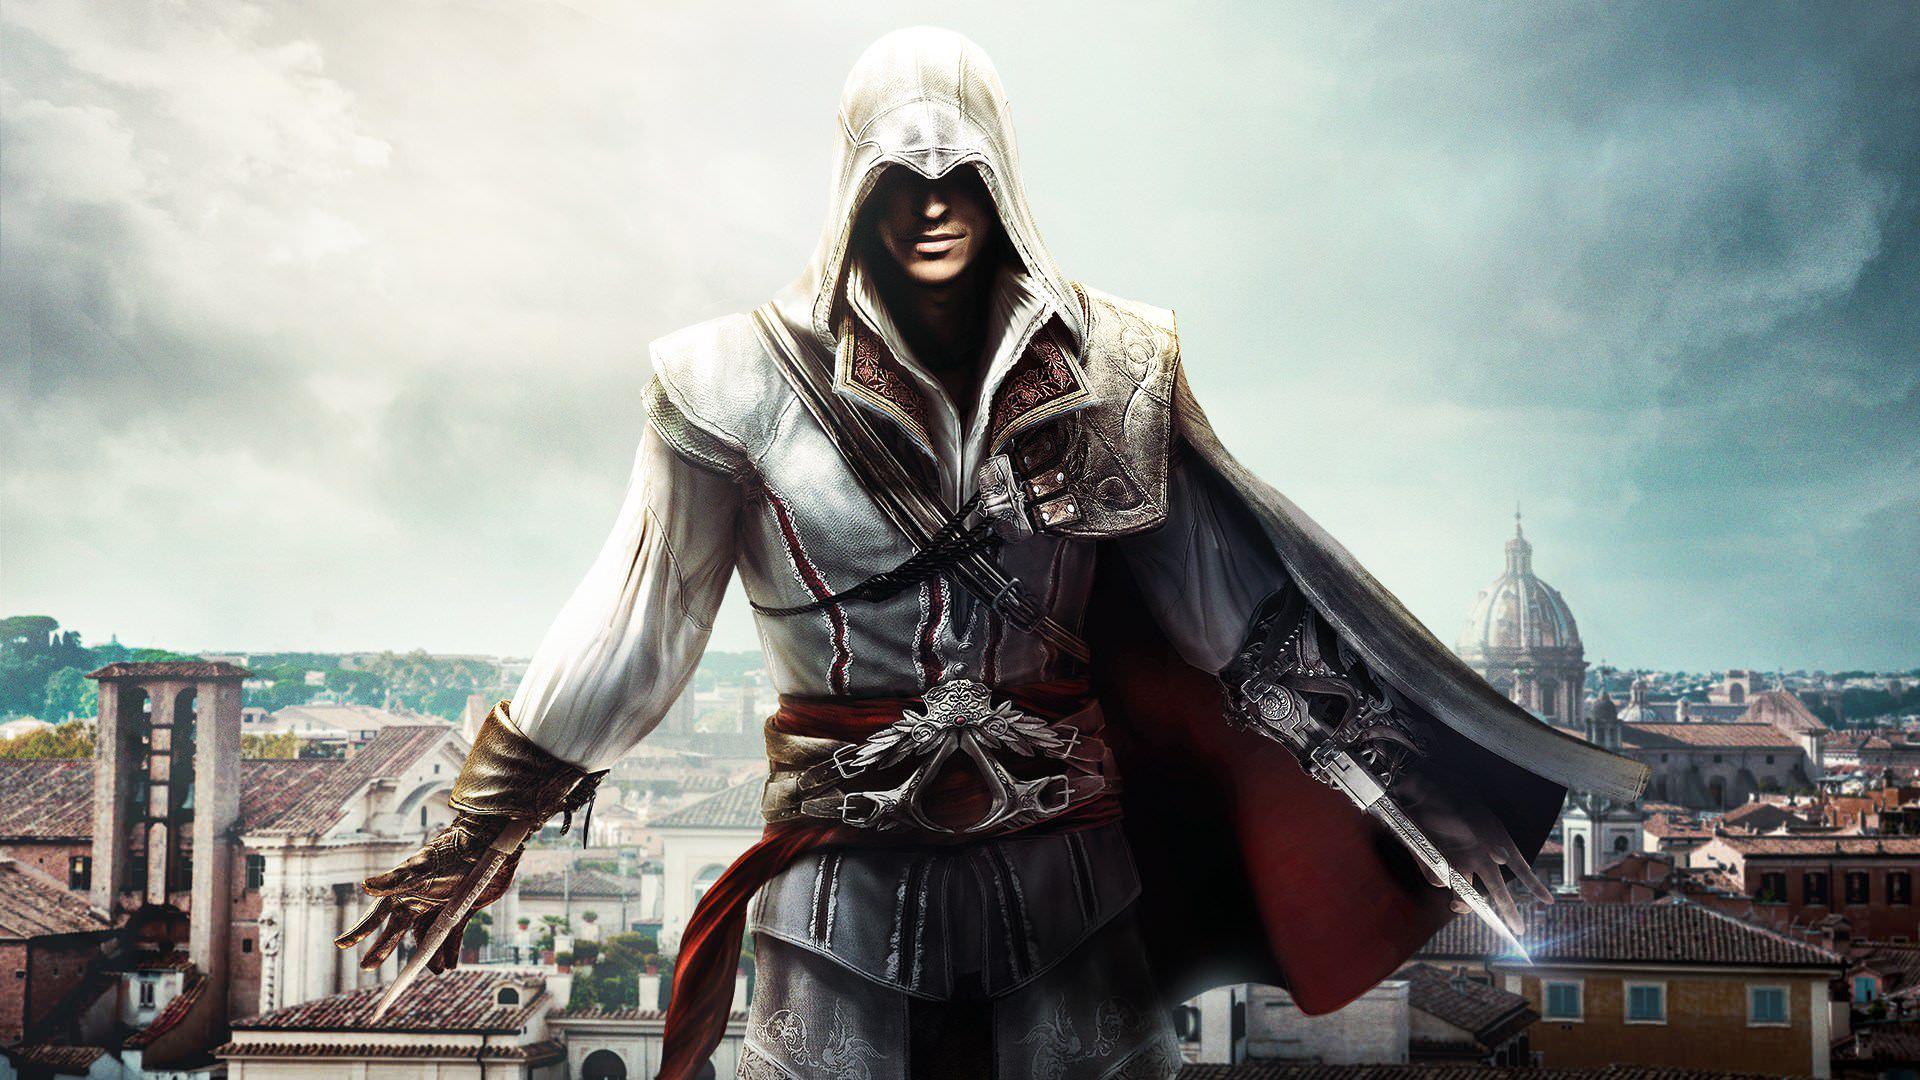 ساخت سریال لایو اکشن Assassin's Creed توسط نتفلیکس تایید شد